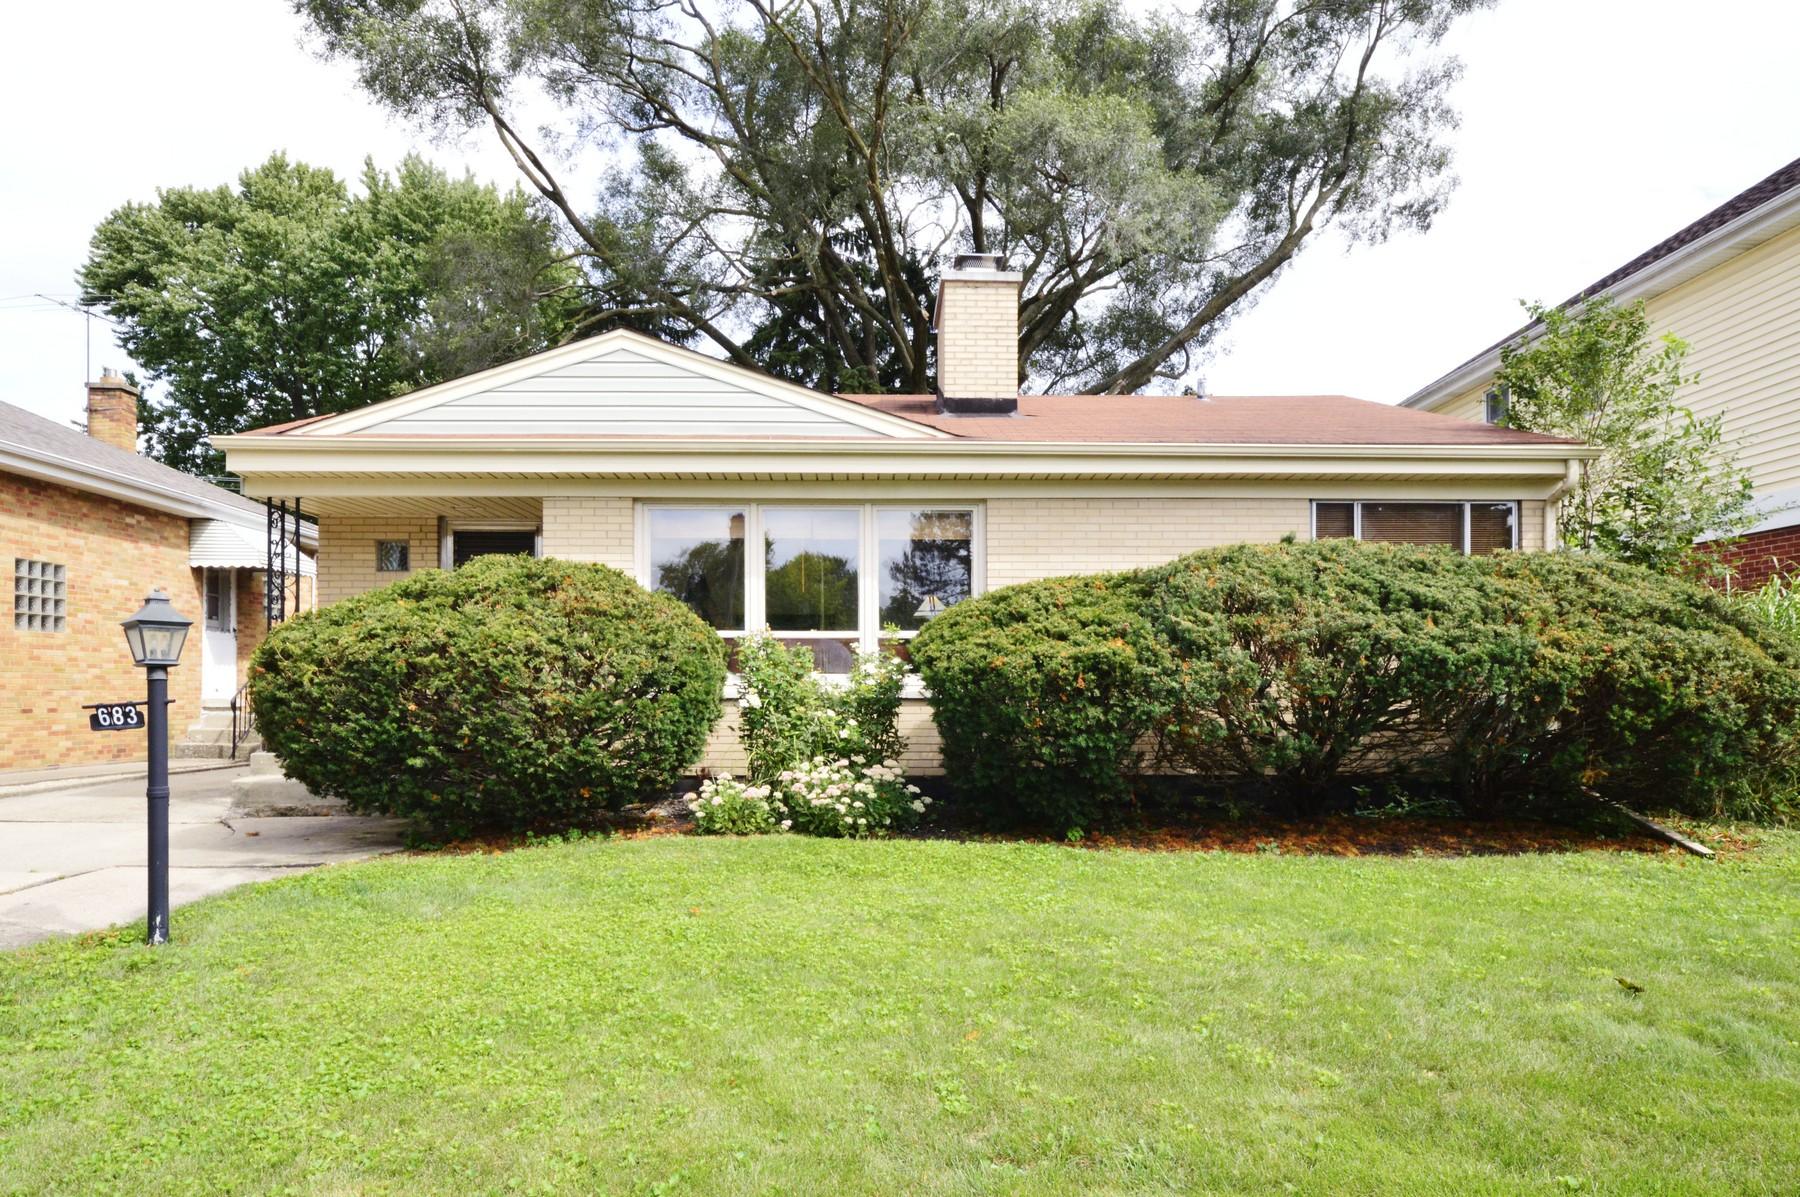 獨棟家庭住宅 為 出售 在 Charming Home in Elmhurst 683 S Hawthorne Avenue Elmhurst, 伊利諾斯州, 60126 美國